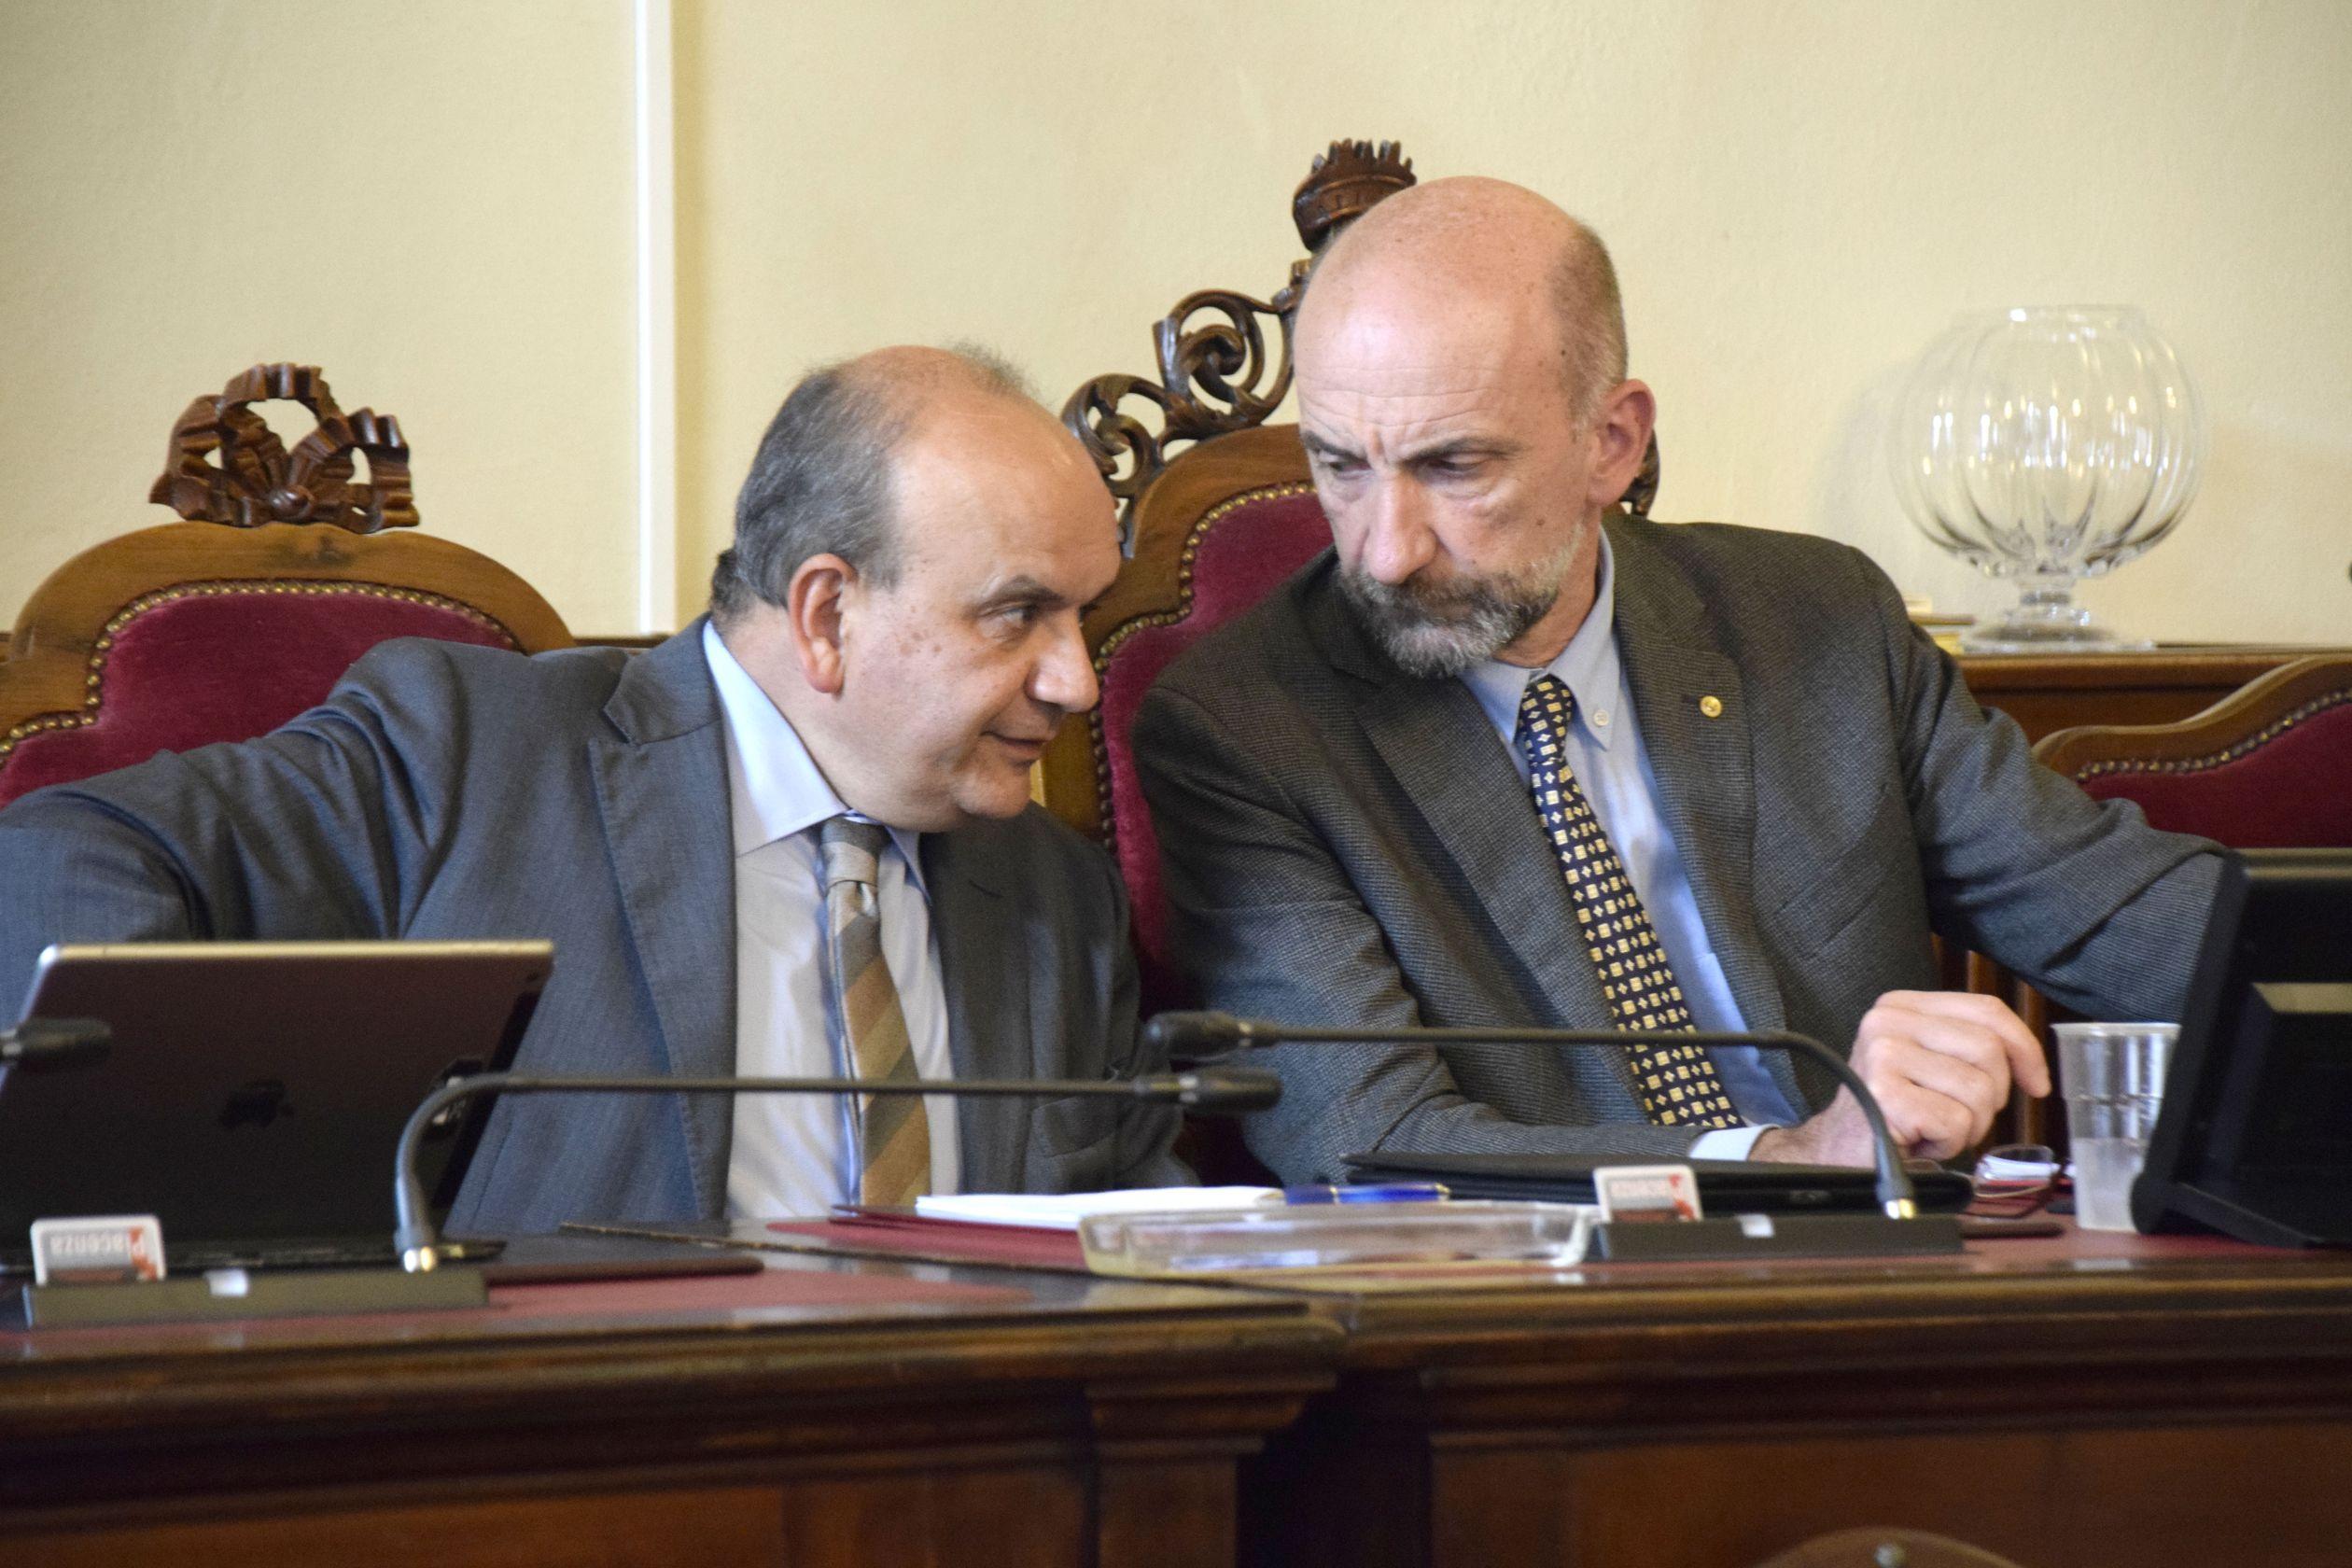 Consiglio Comunale - foto Lunini Piacenza